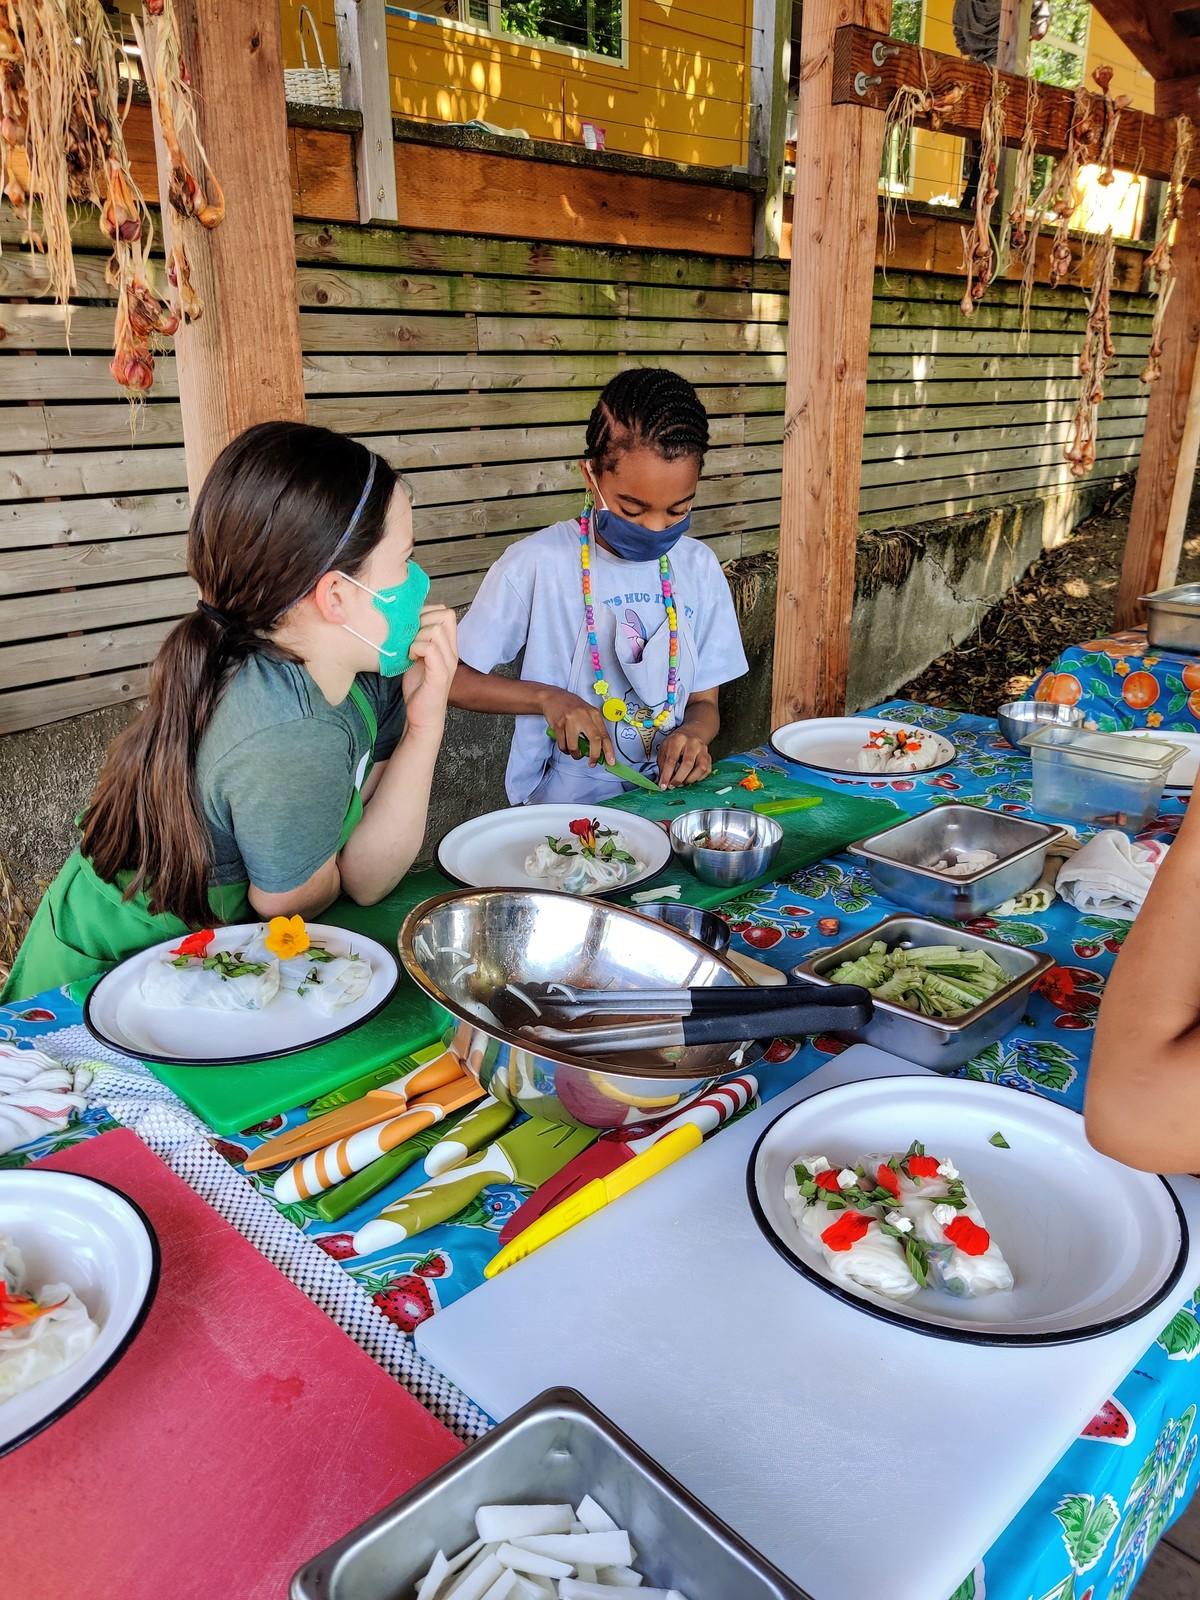 youth preparing fresh rolls.